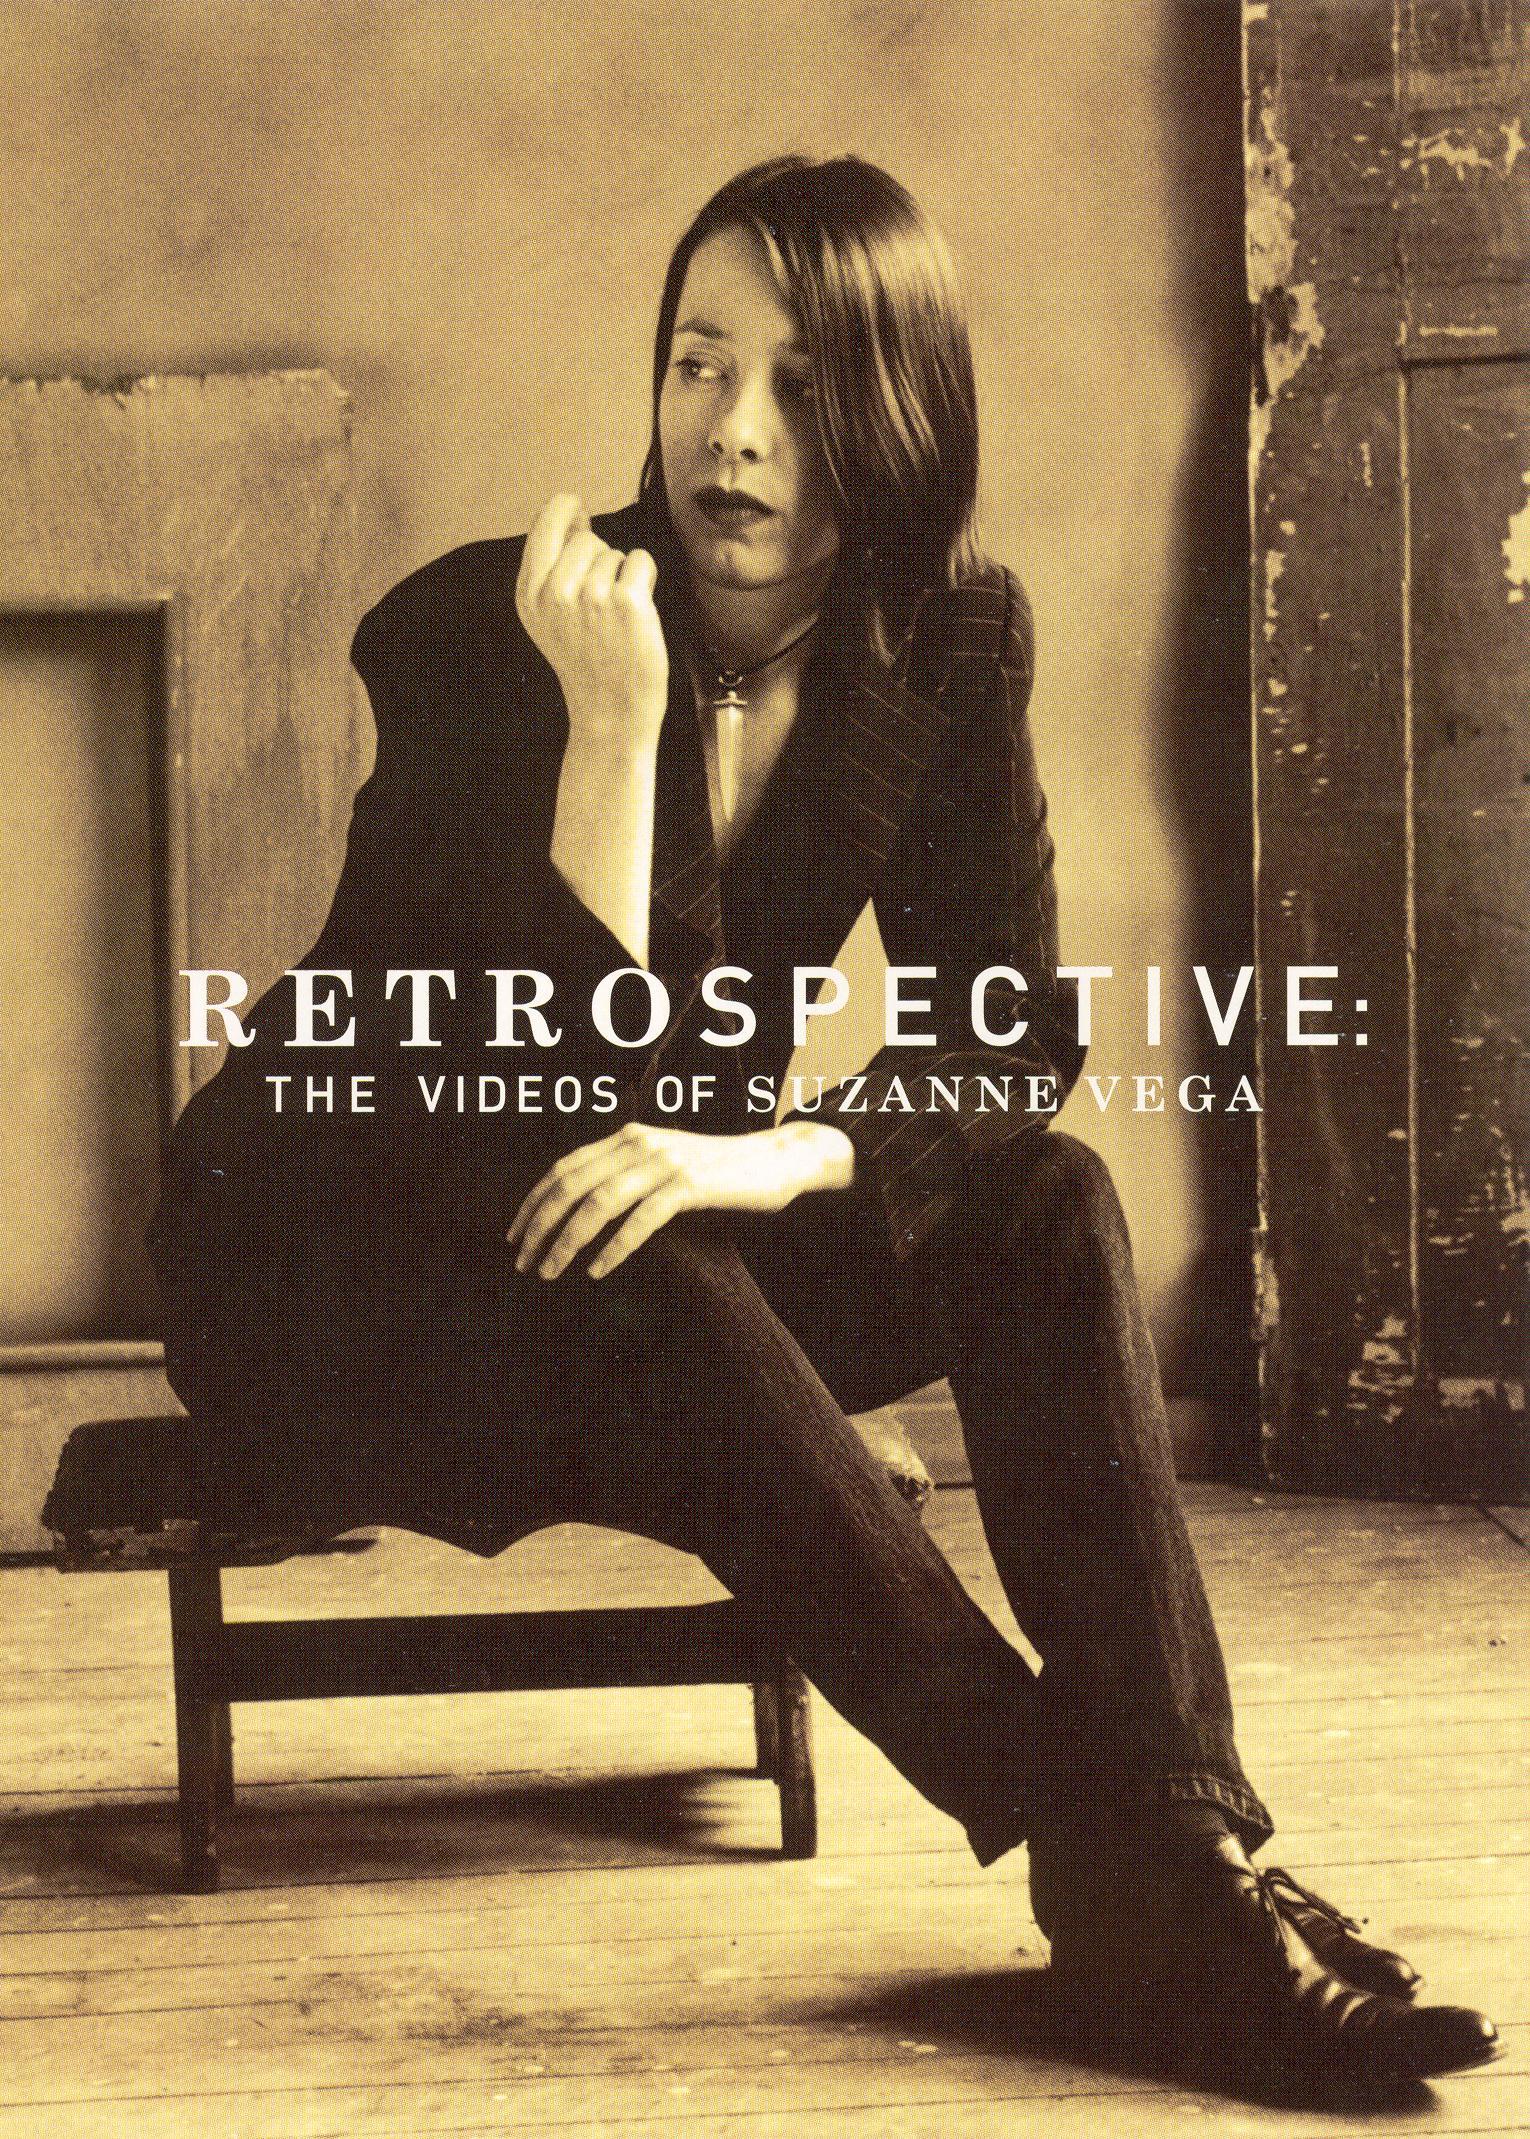 Suzanne Vega: Retrospective - The Videos of Suzanne Vega